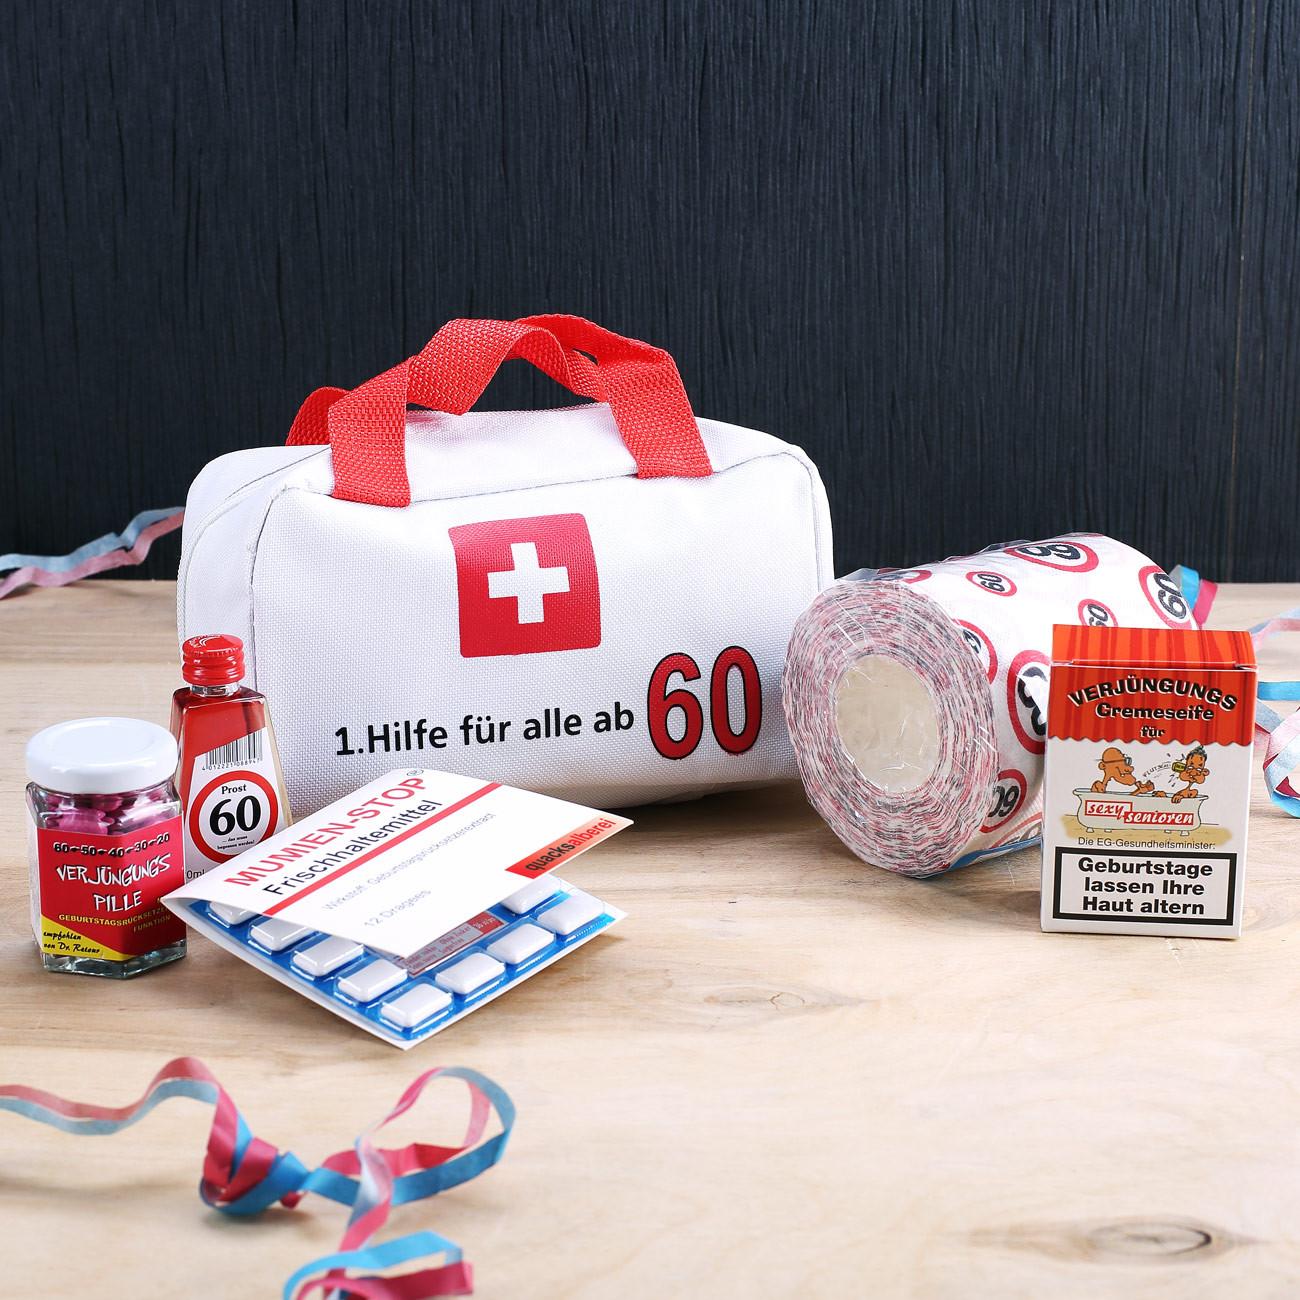 Geschenke Zum 60.Geburtstag  Geschenke zum 60 Geburtstag